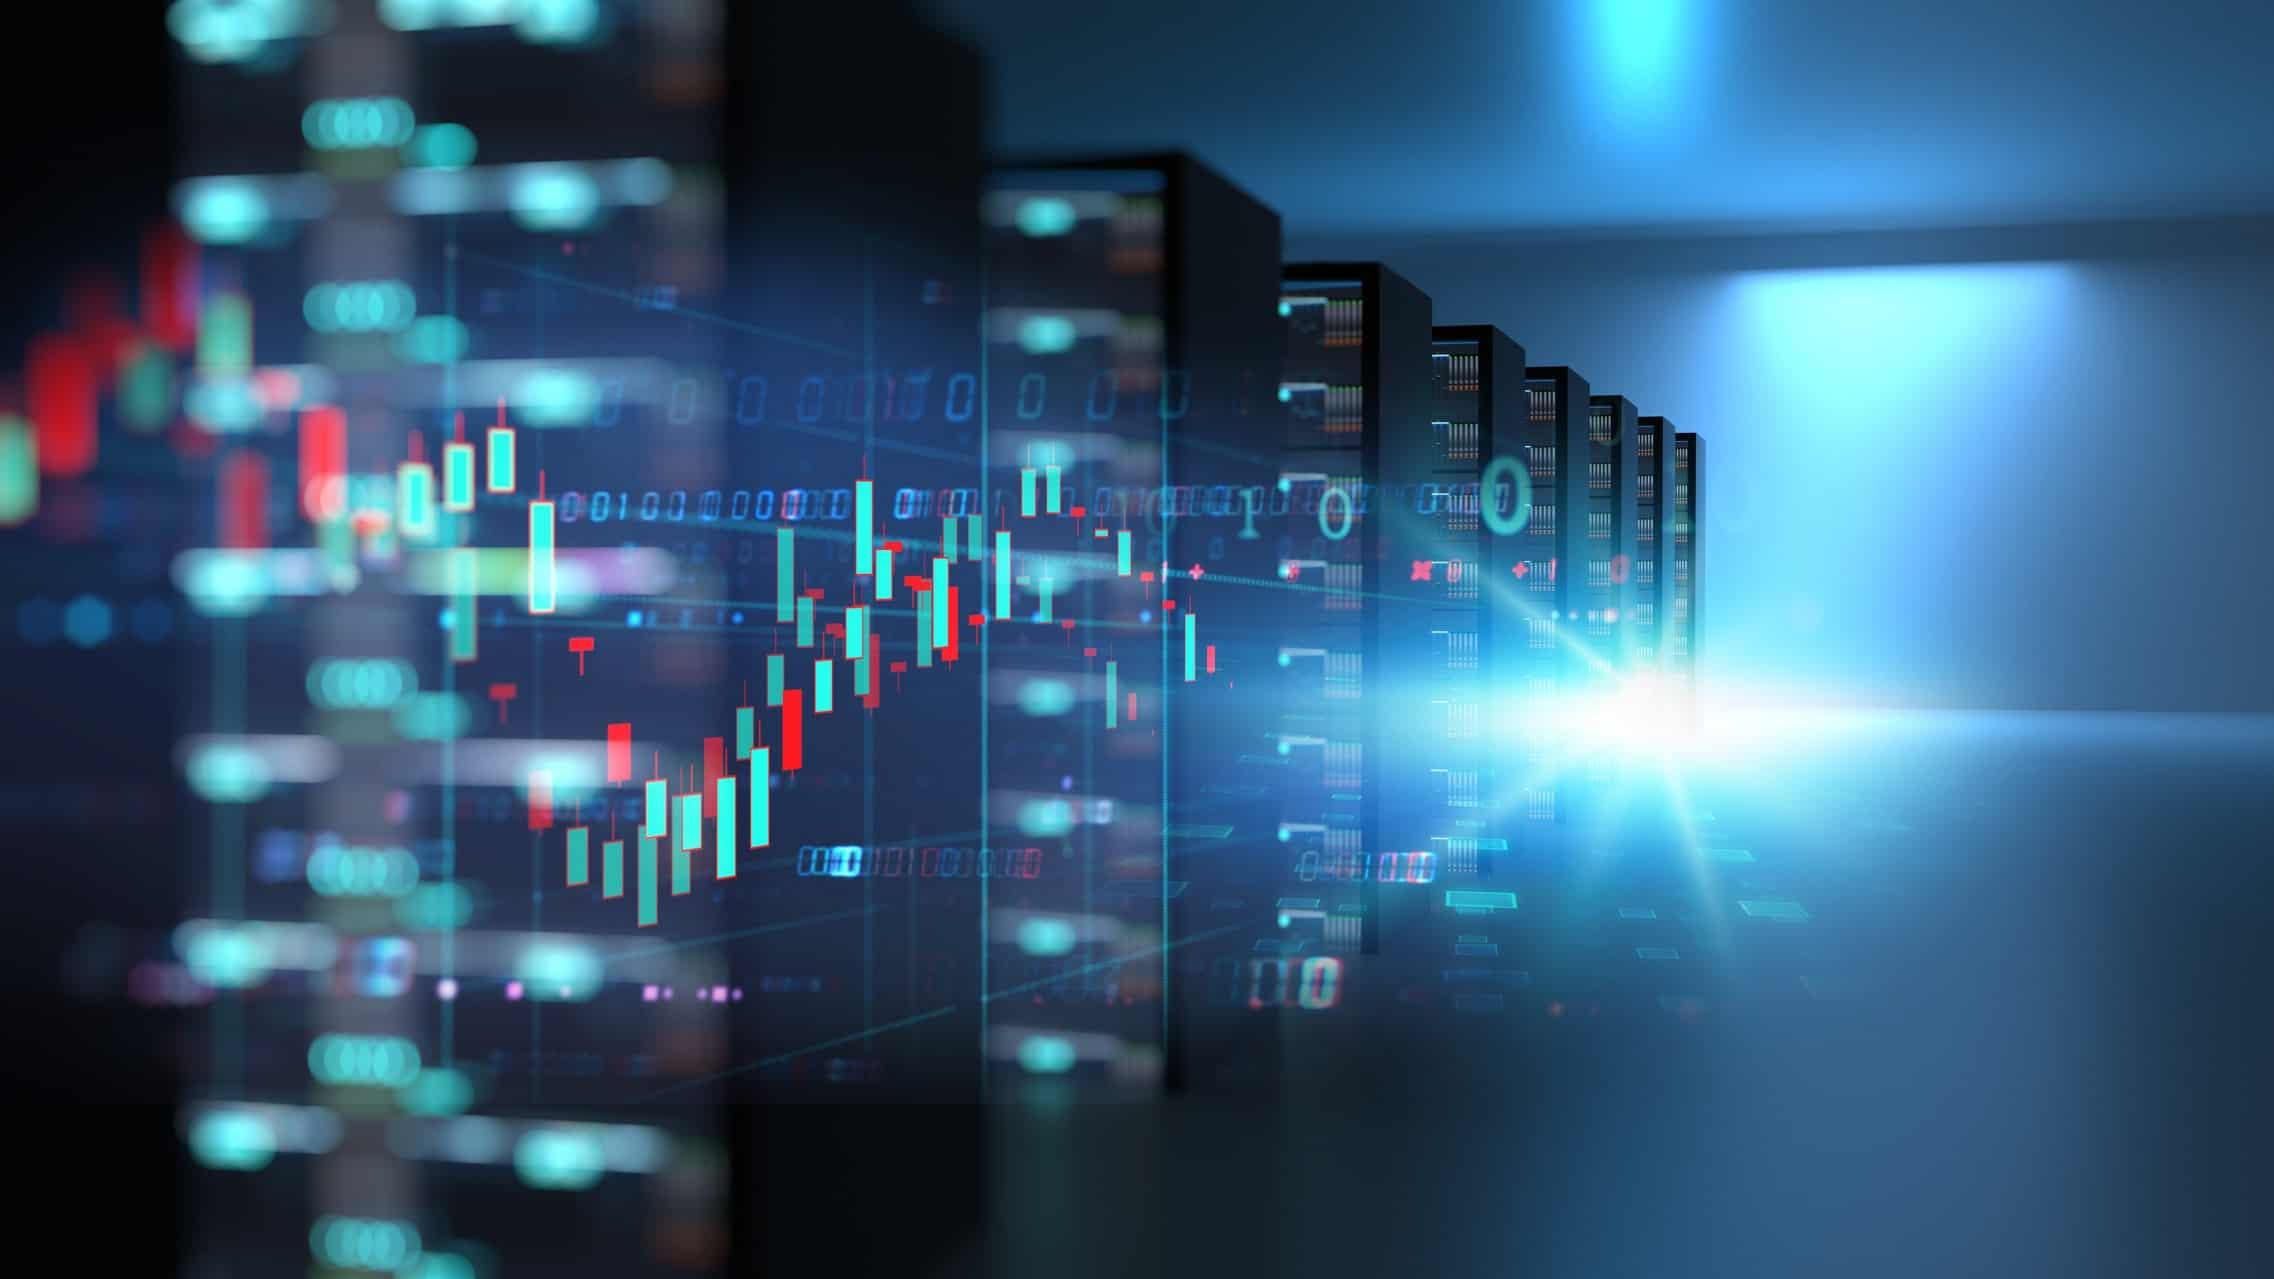 nextdc share price